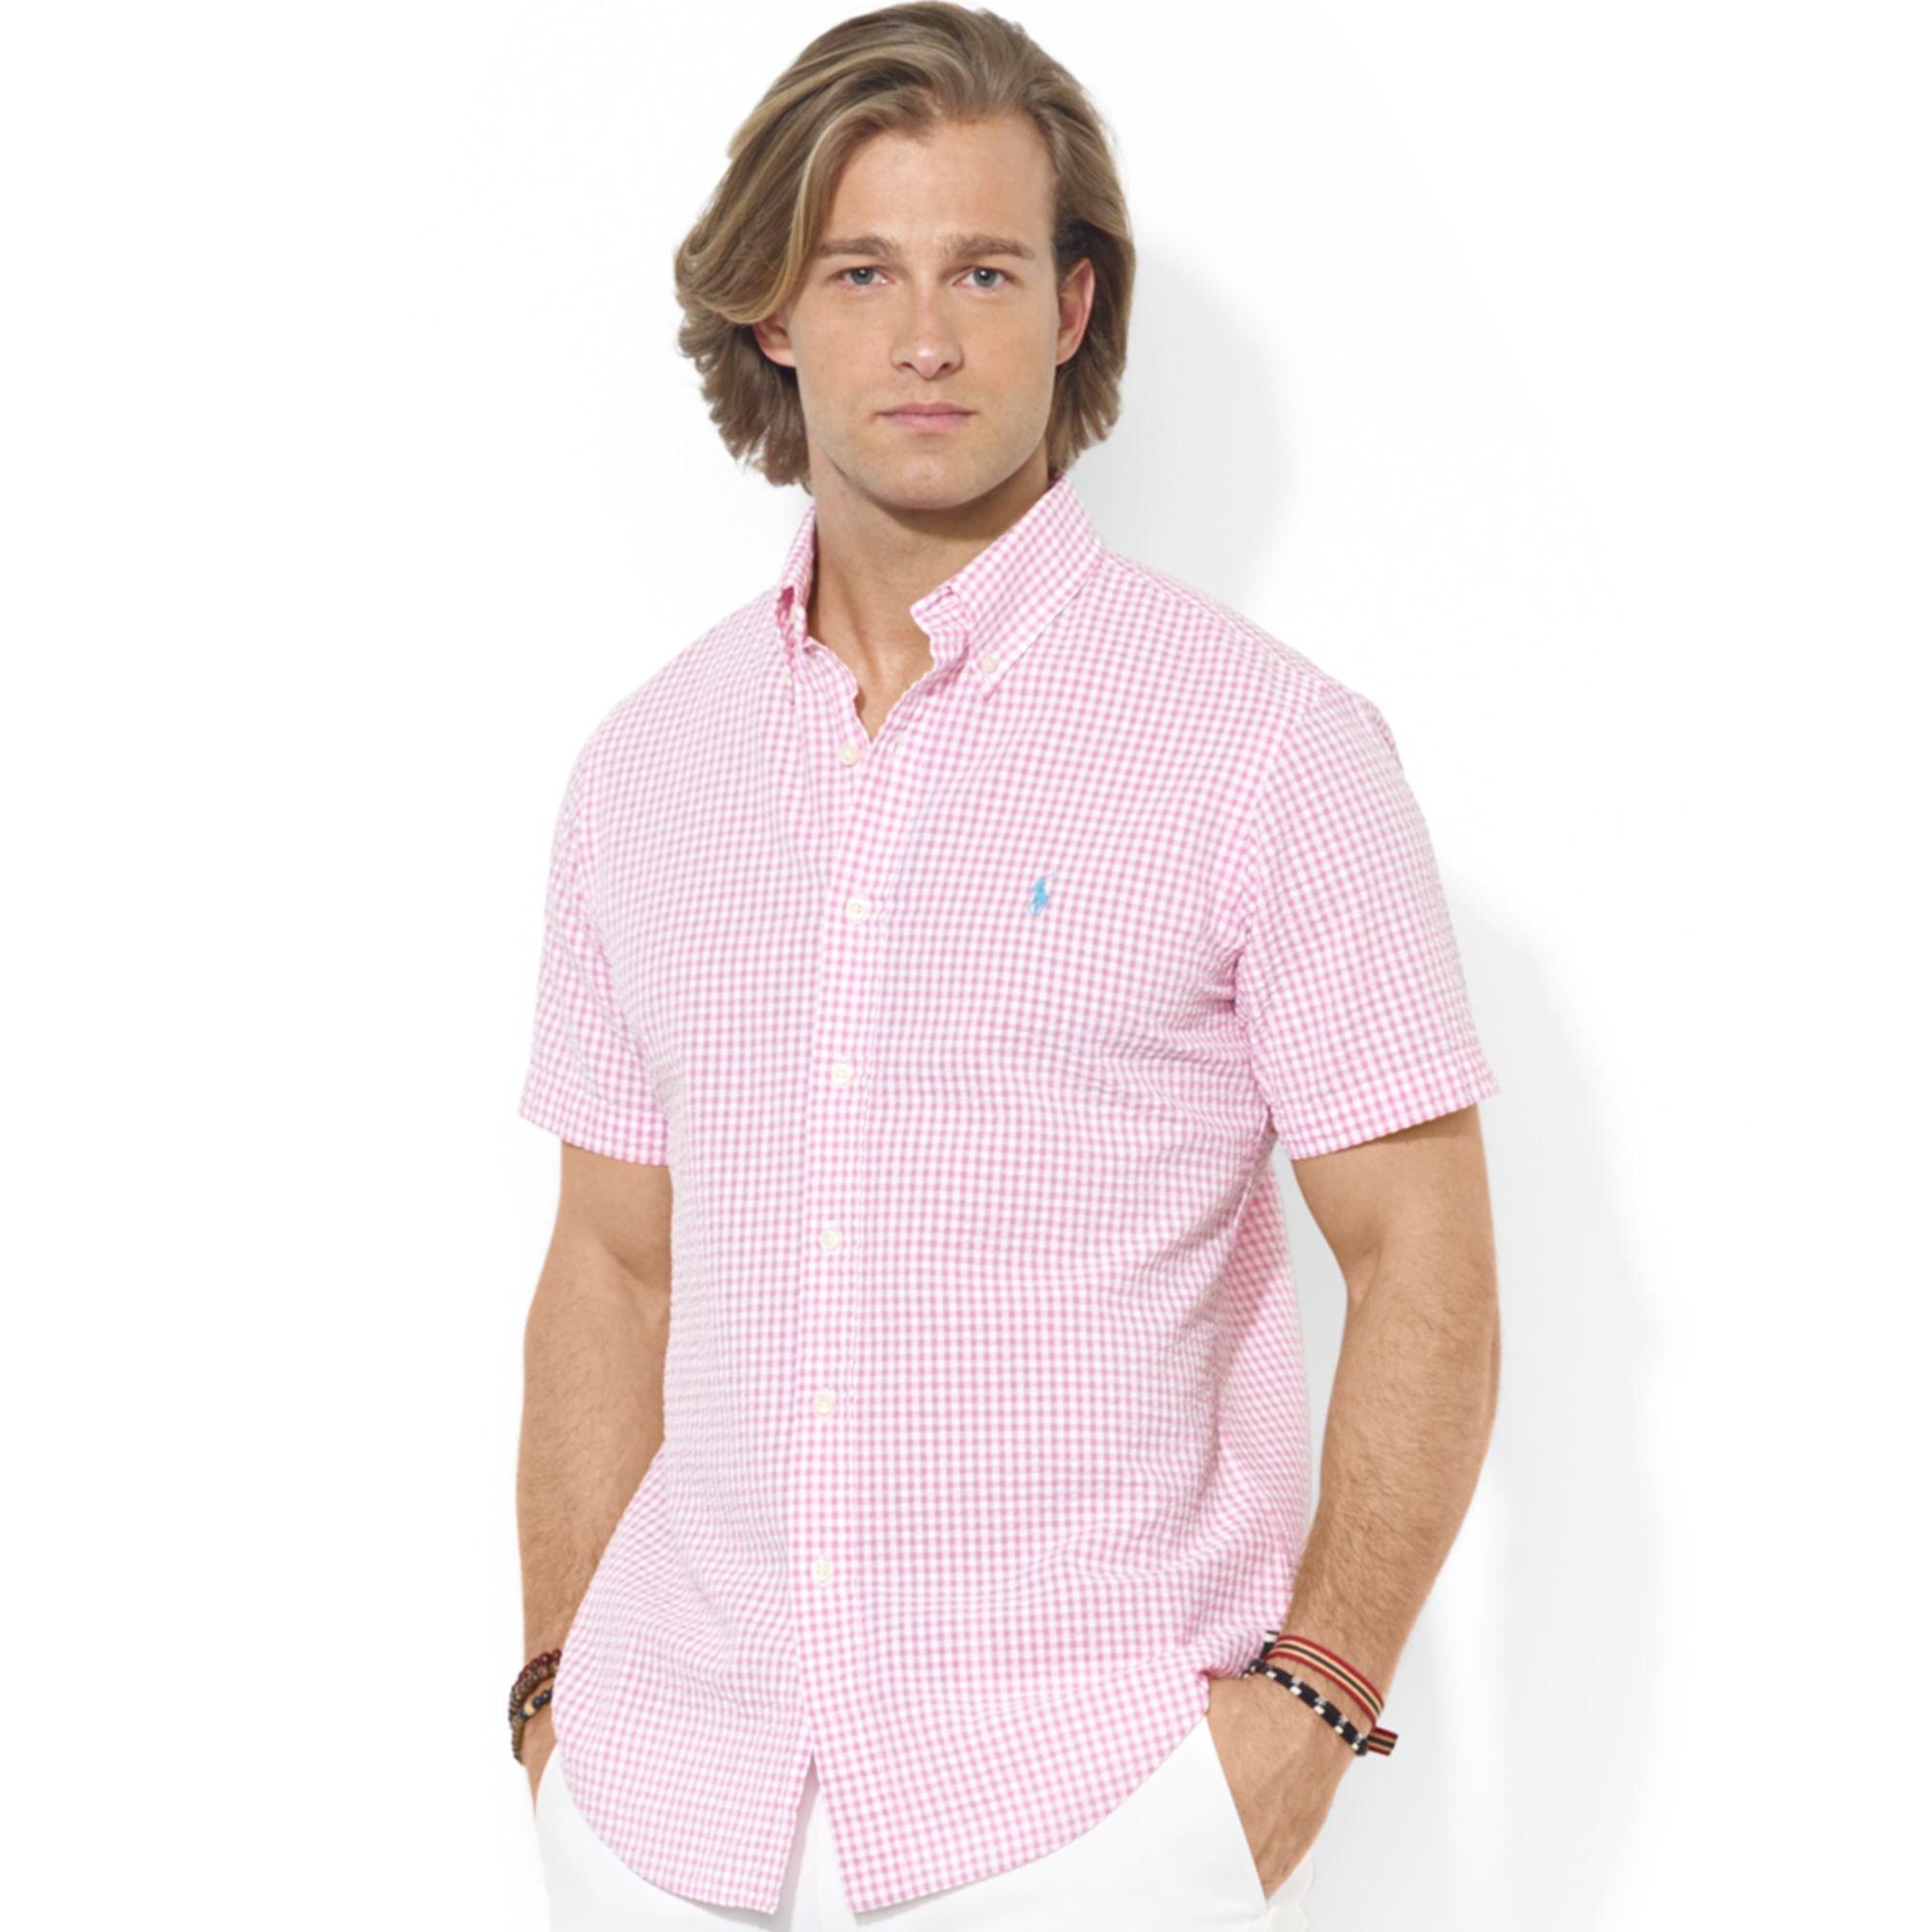 ... polo ralph lauren shirt short sleeve striped seersucker cotton shirt ...